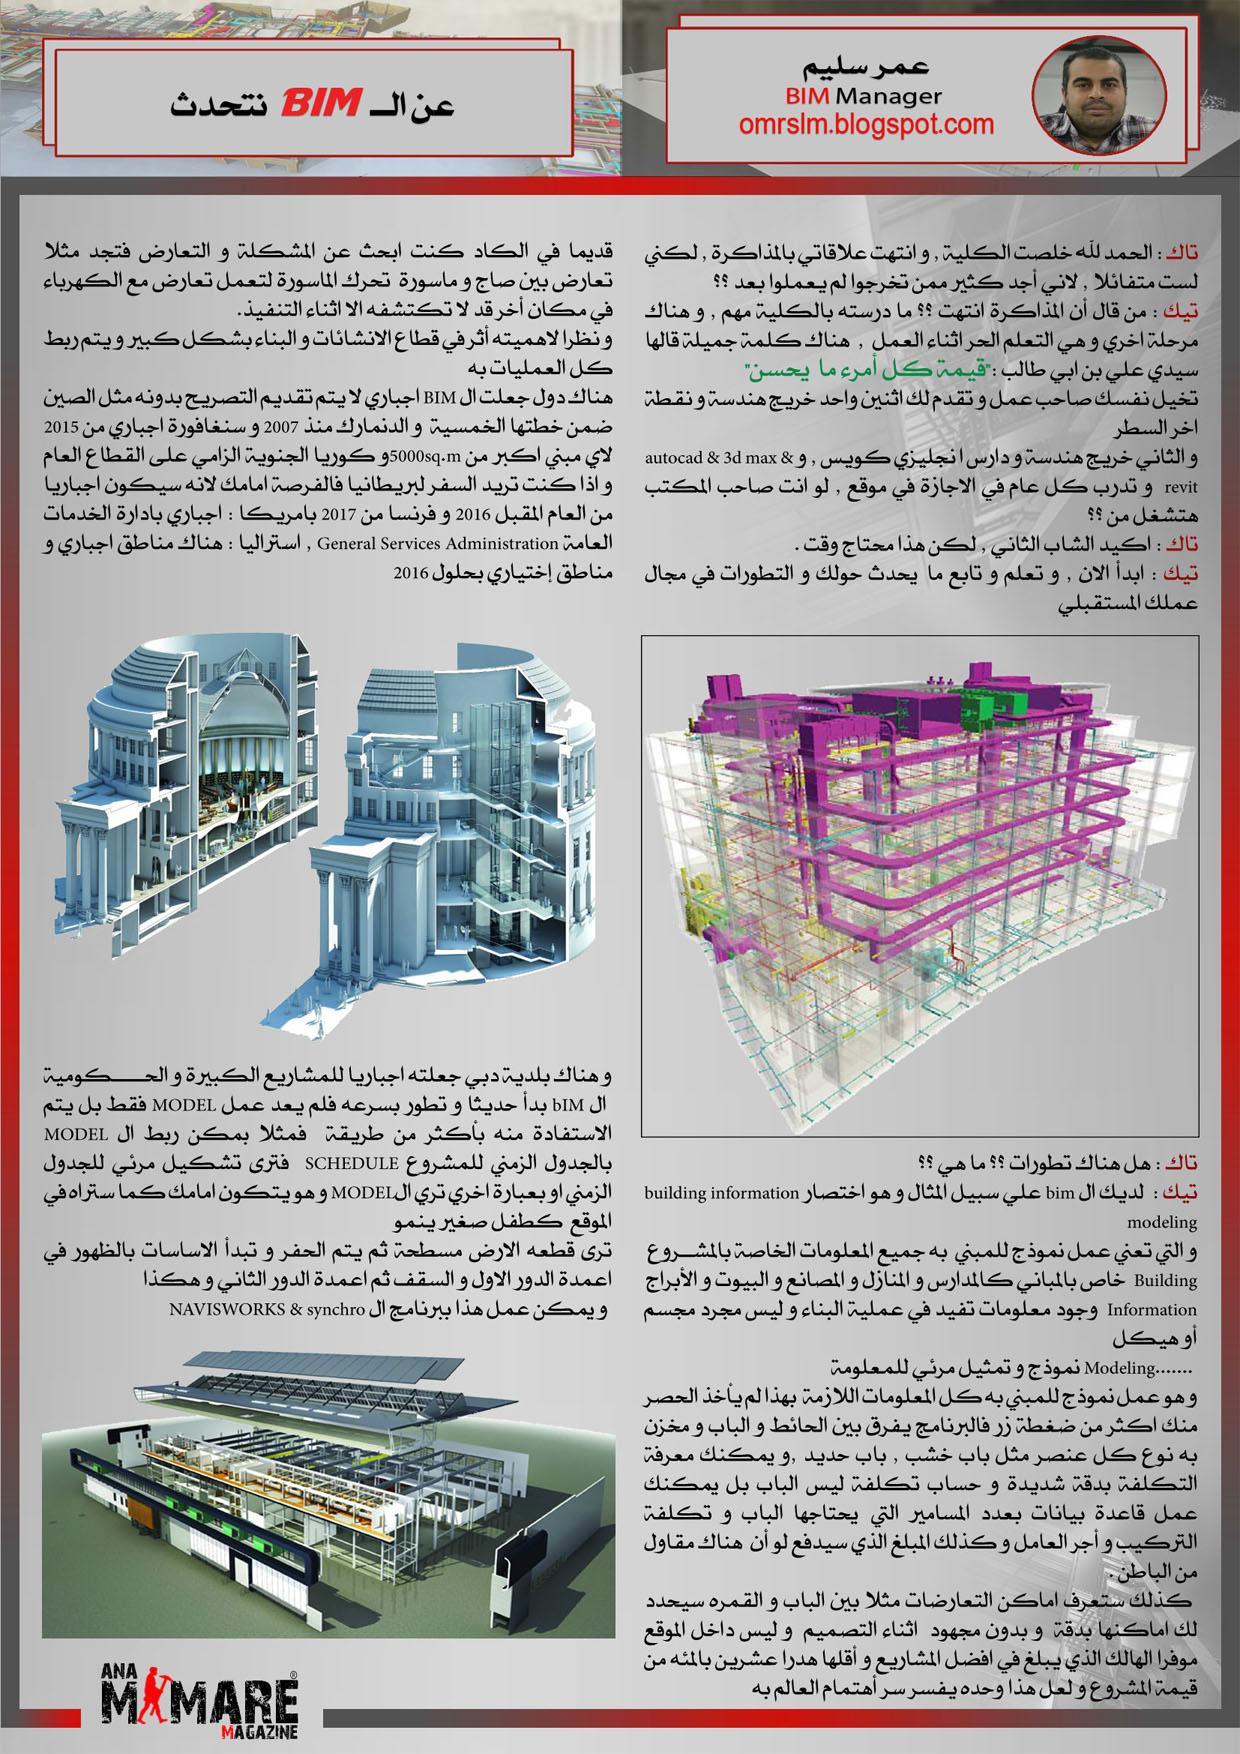 Ana_elmaamari_Page_17